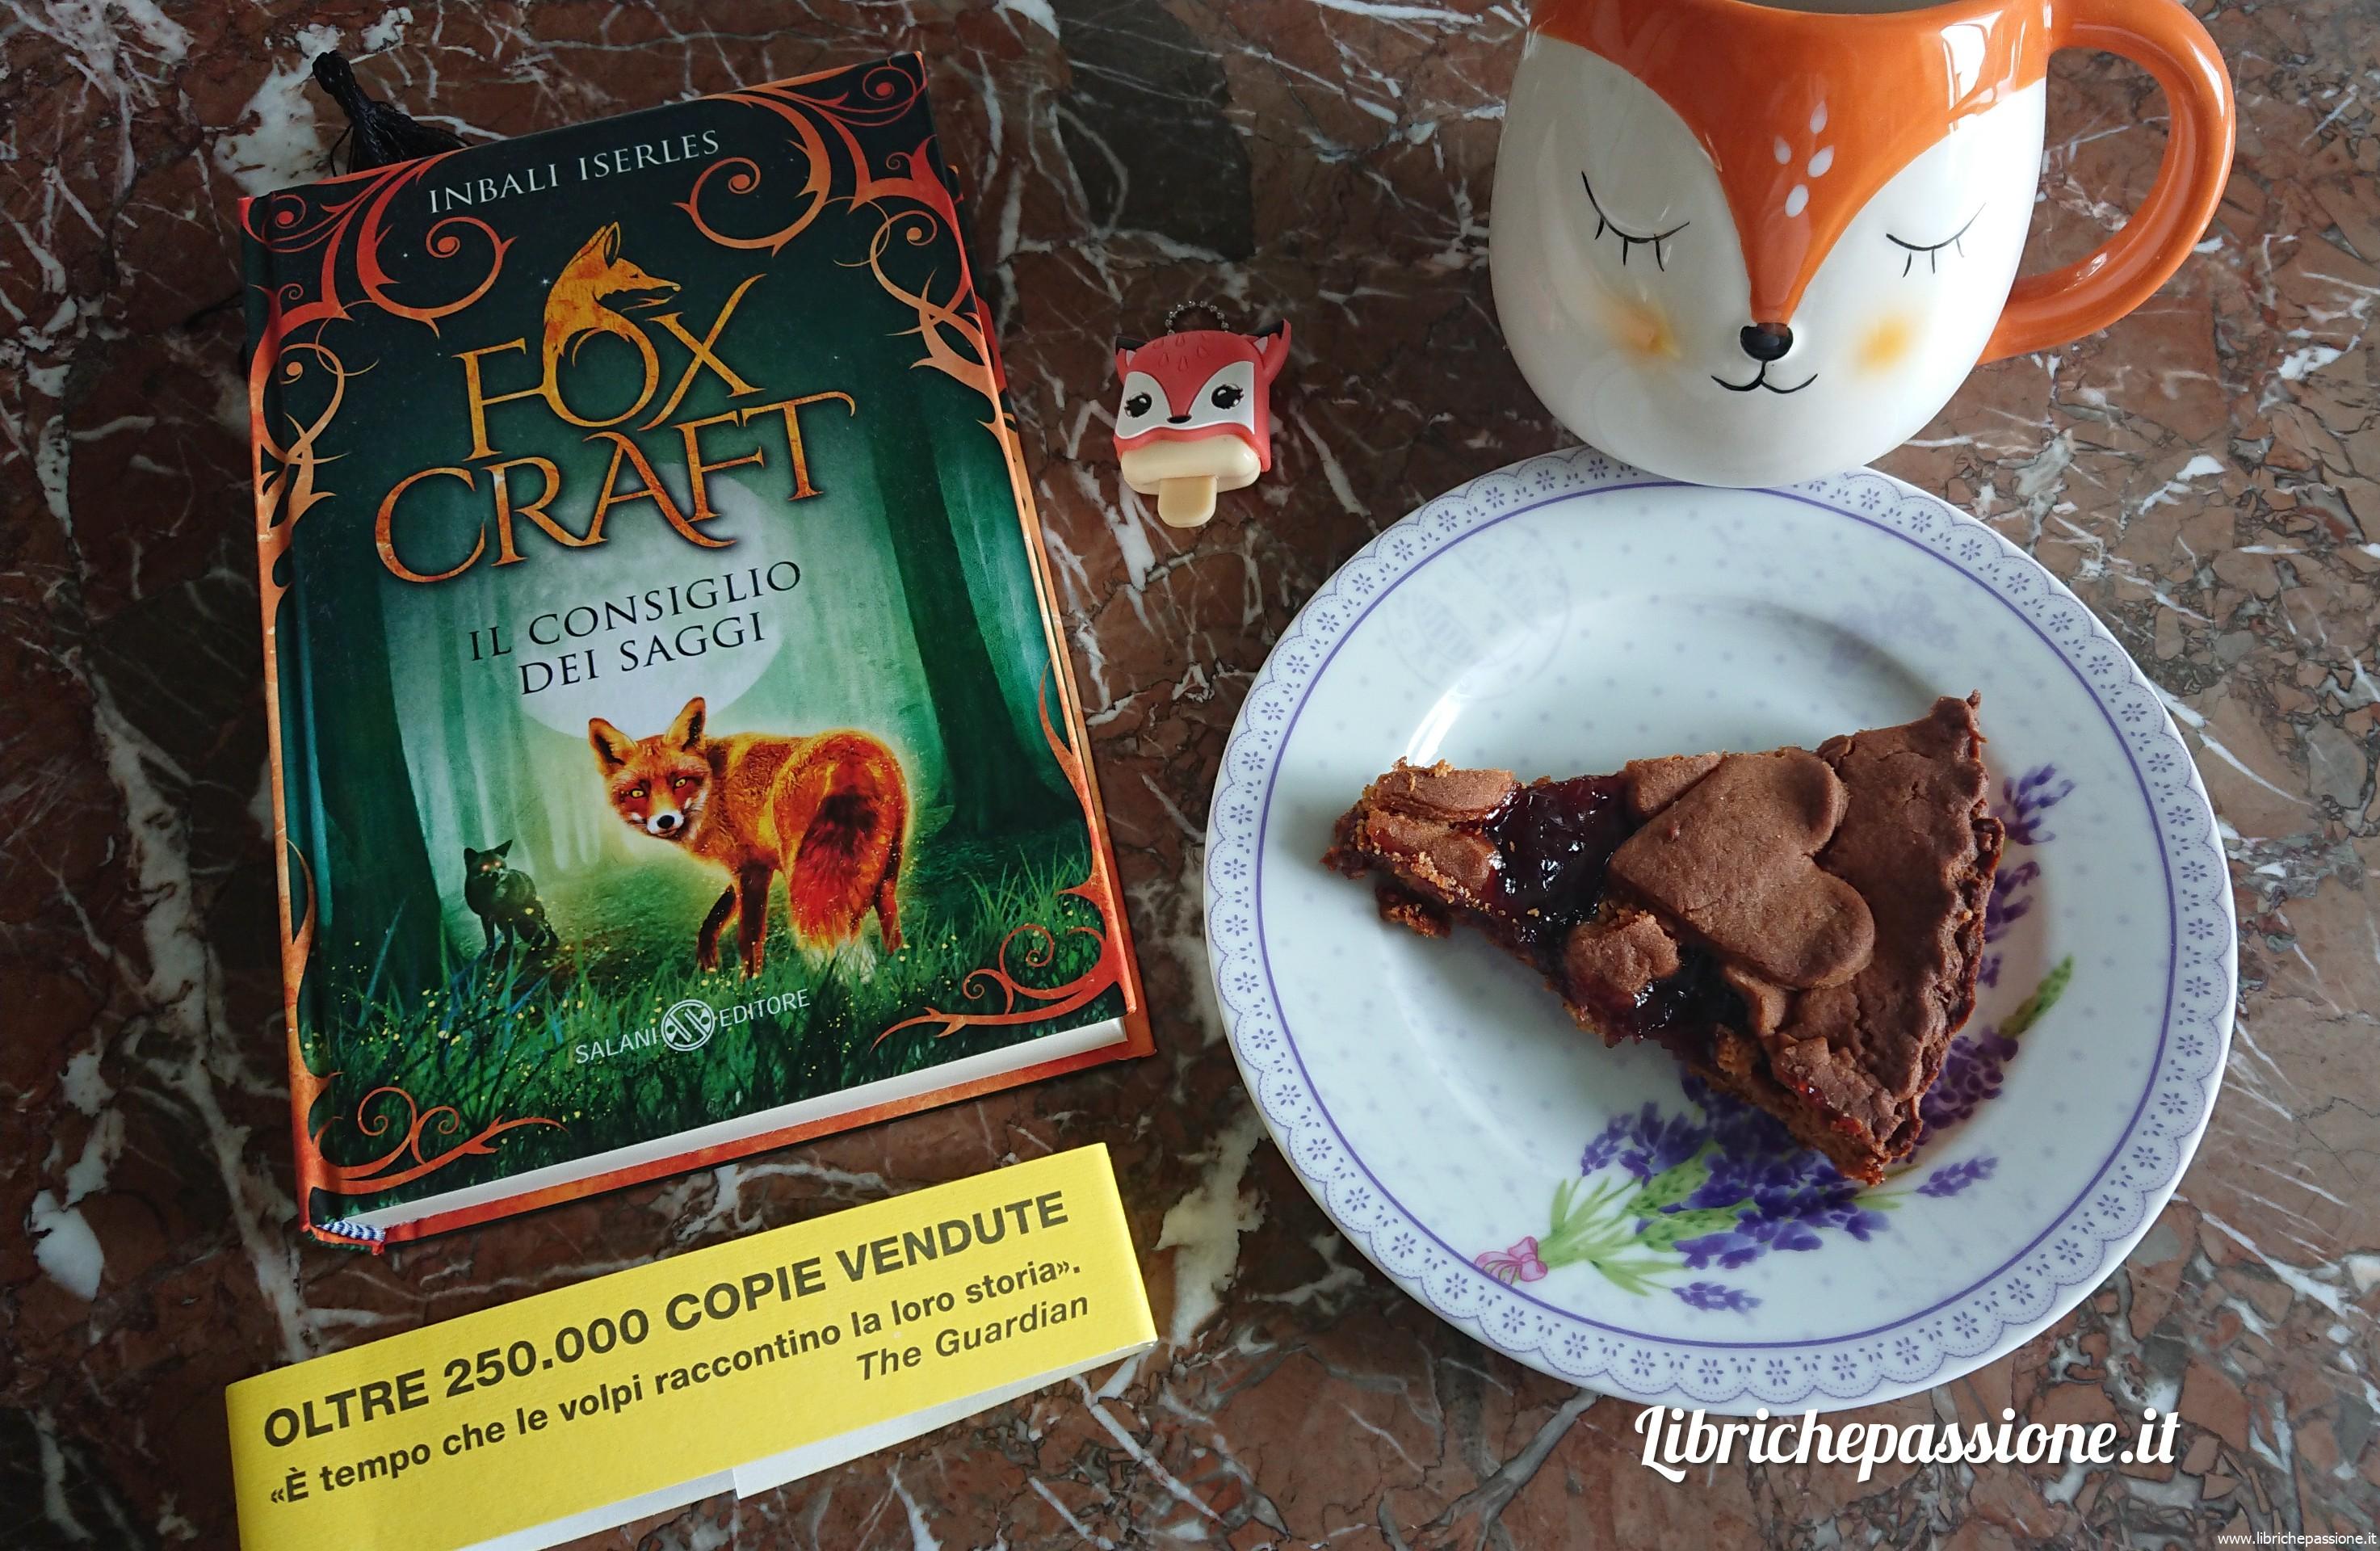 """Fox Craft """"Il consiglio dei saggi"""" di Inbali Iserles edito da Salani Editore. Consiglio di lettura per ragazzi di 11 anni (Estratto)"""